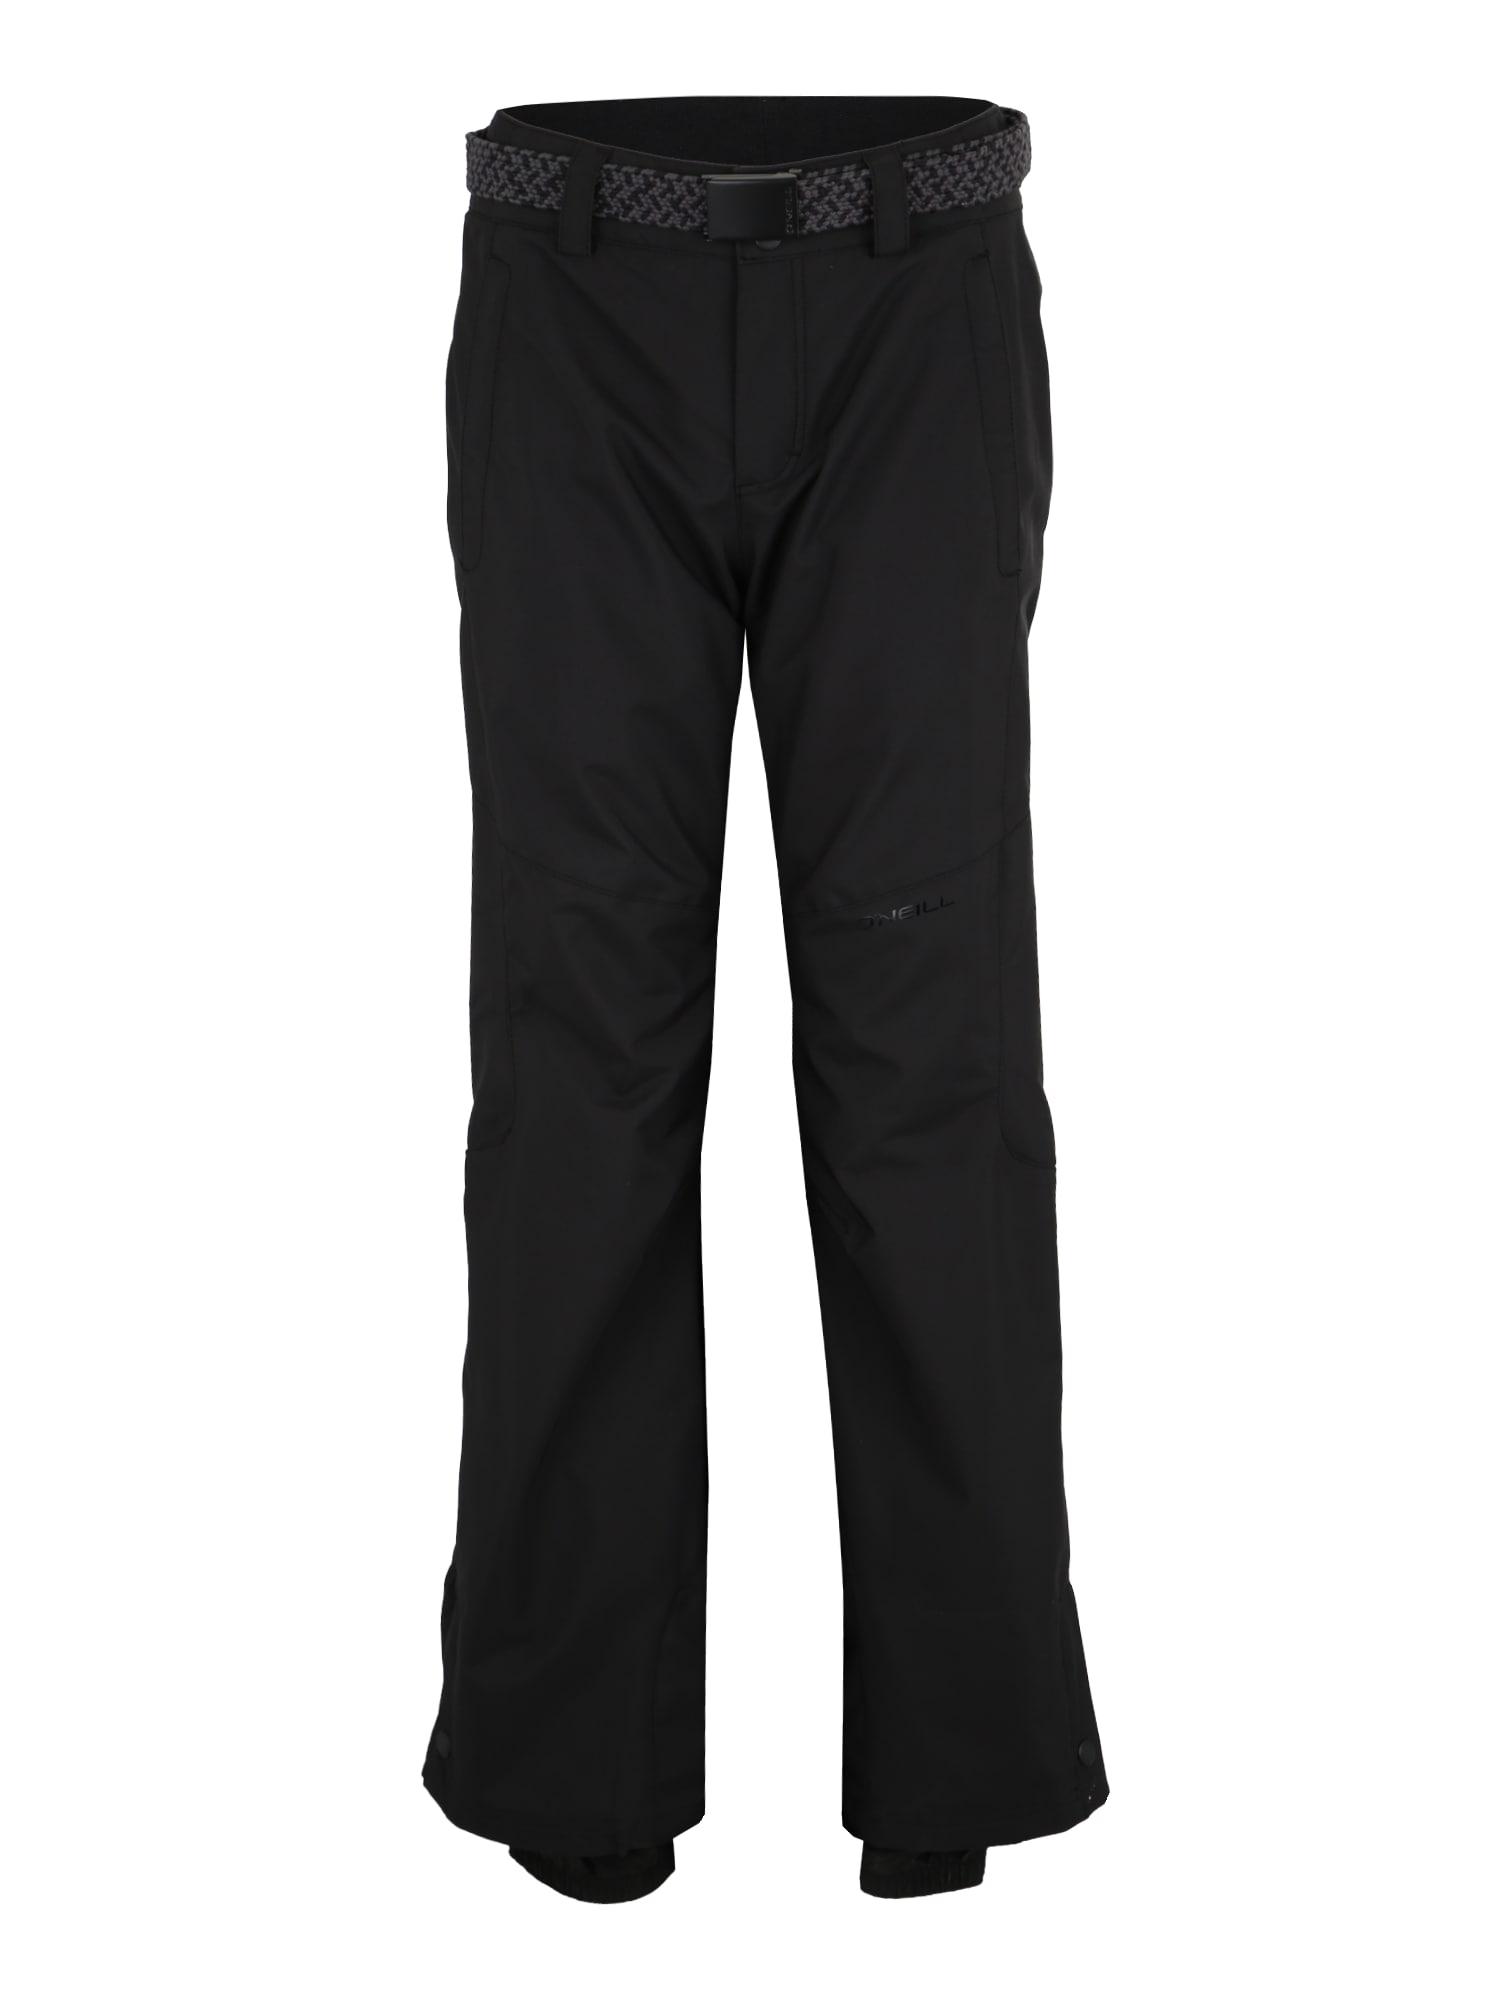 ONEILL Outdoorové kalhoty STAR černá O'NEILL